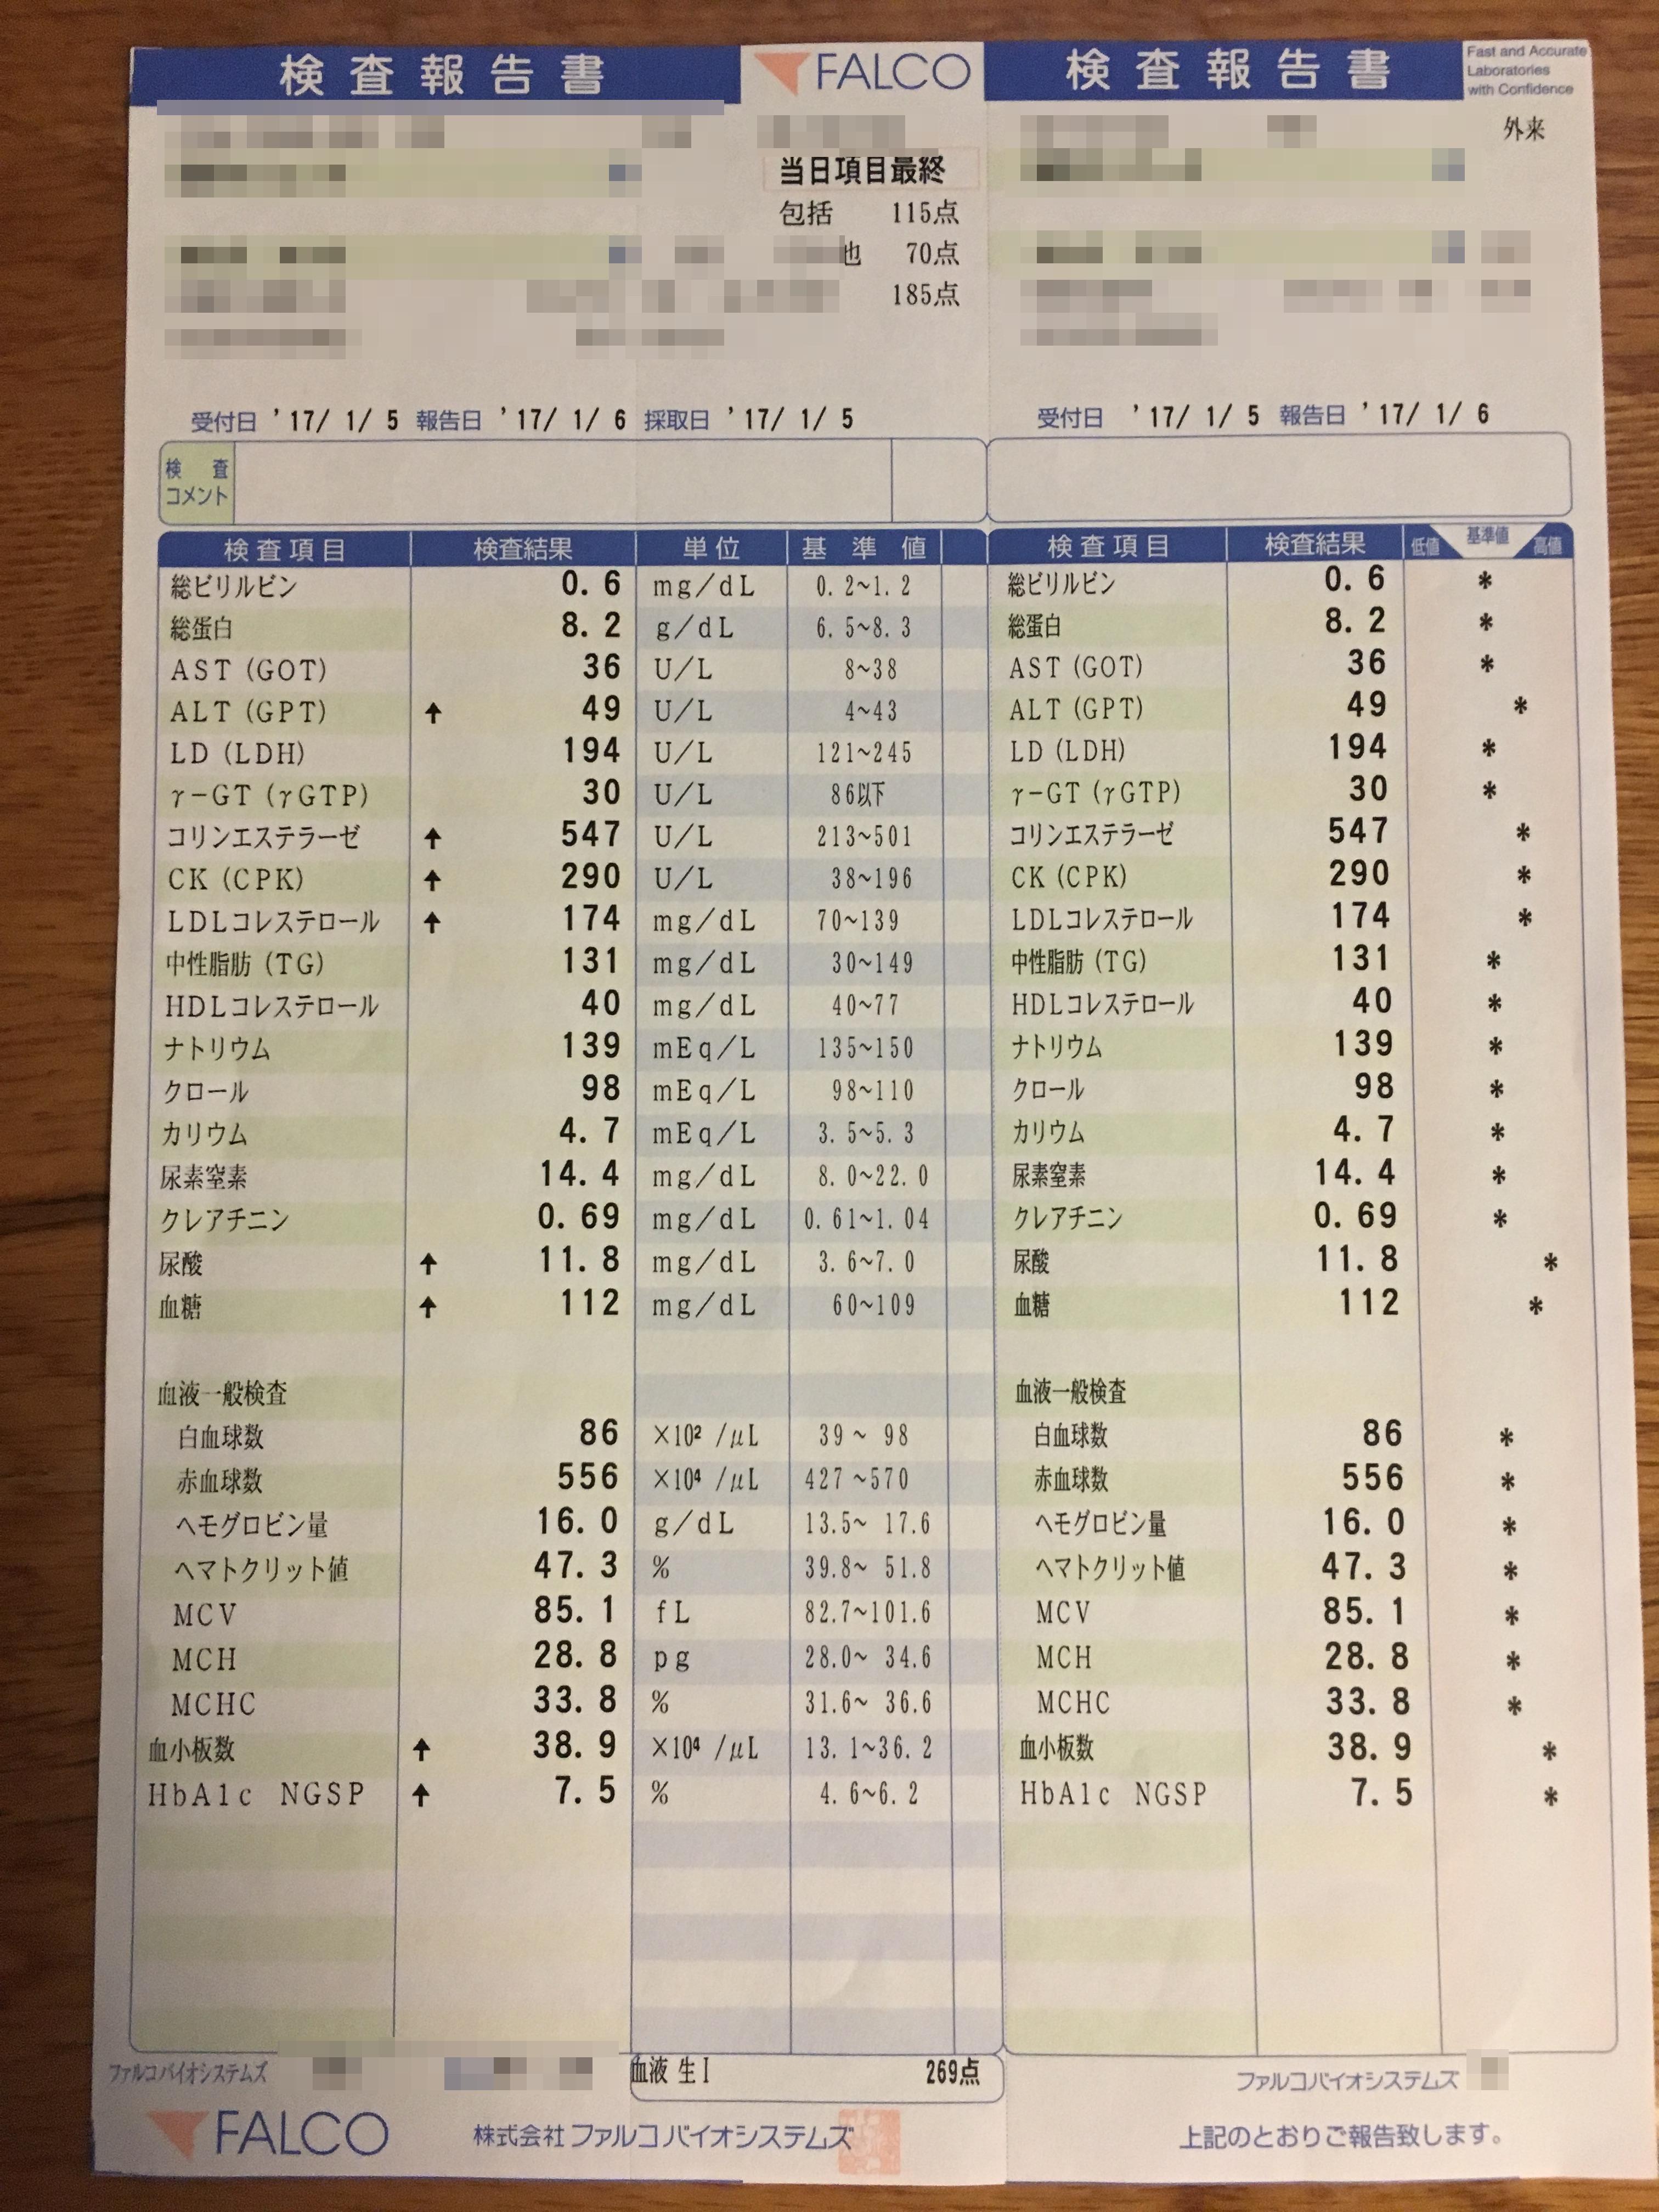 血液検査結果2017年1月